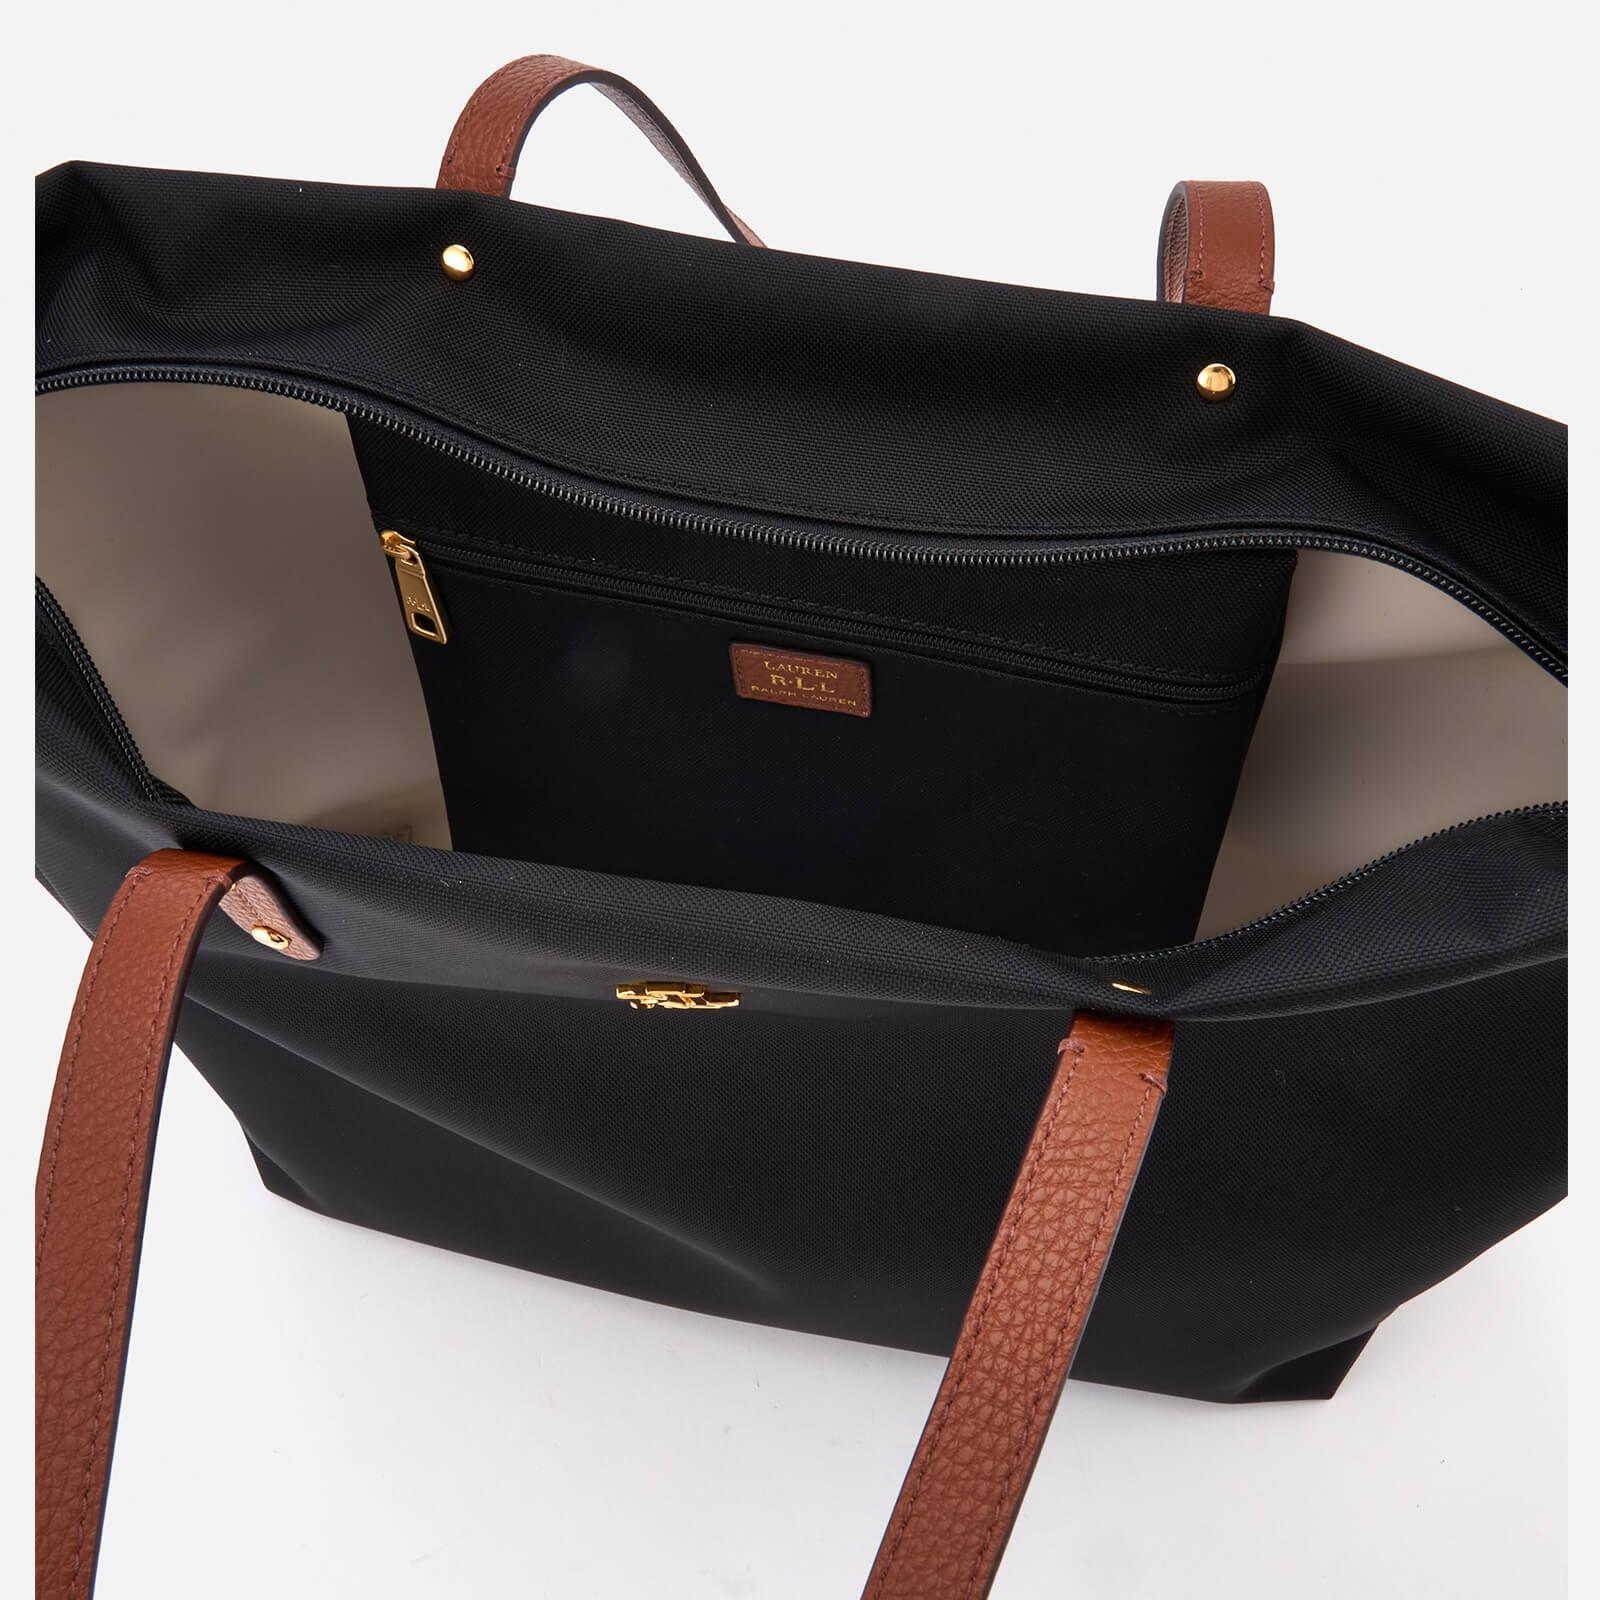 ccab302fea ... inexpensive lauren by ralph lauren bainbridge tote bag in black lyst  eec9b 7fc5e